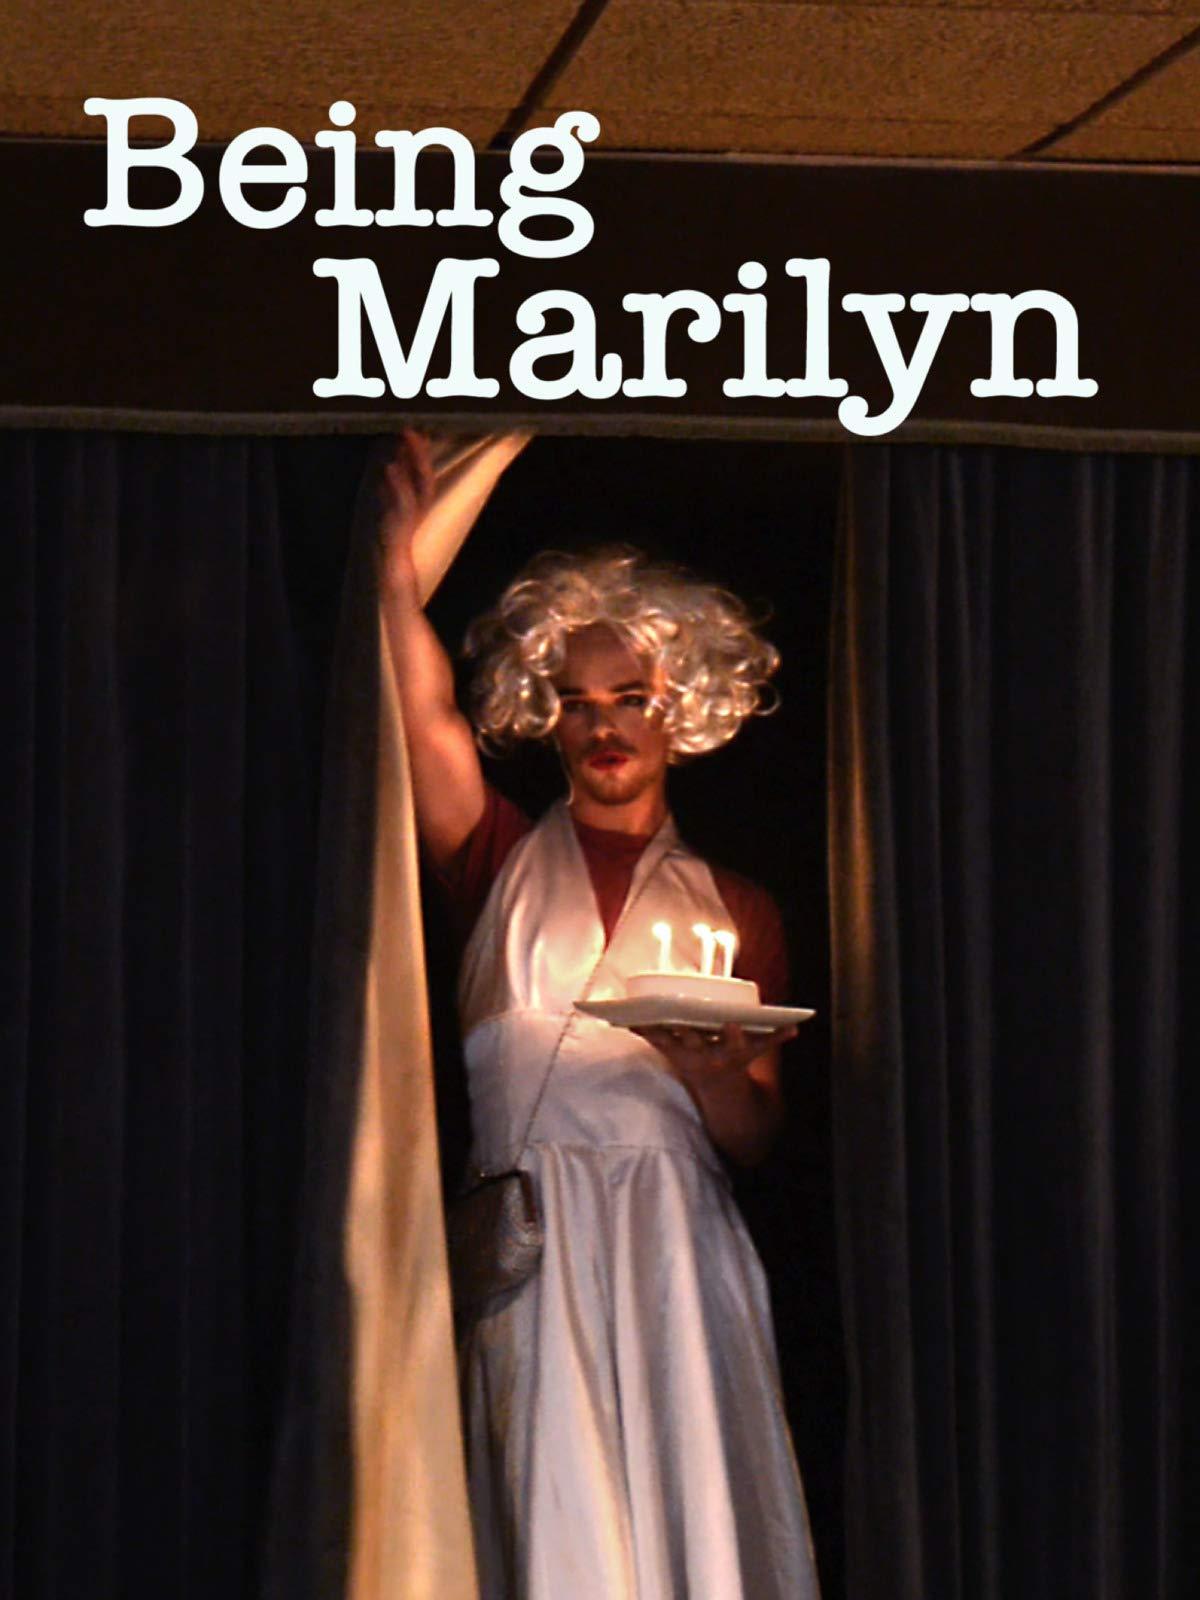 Being Marilyn